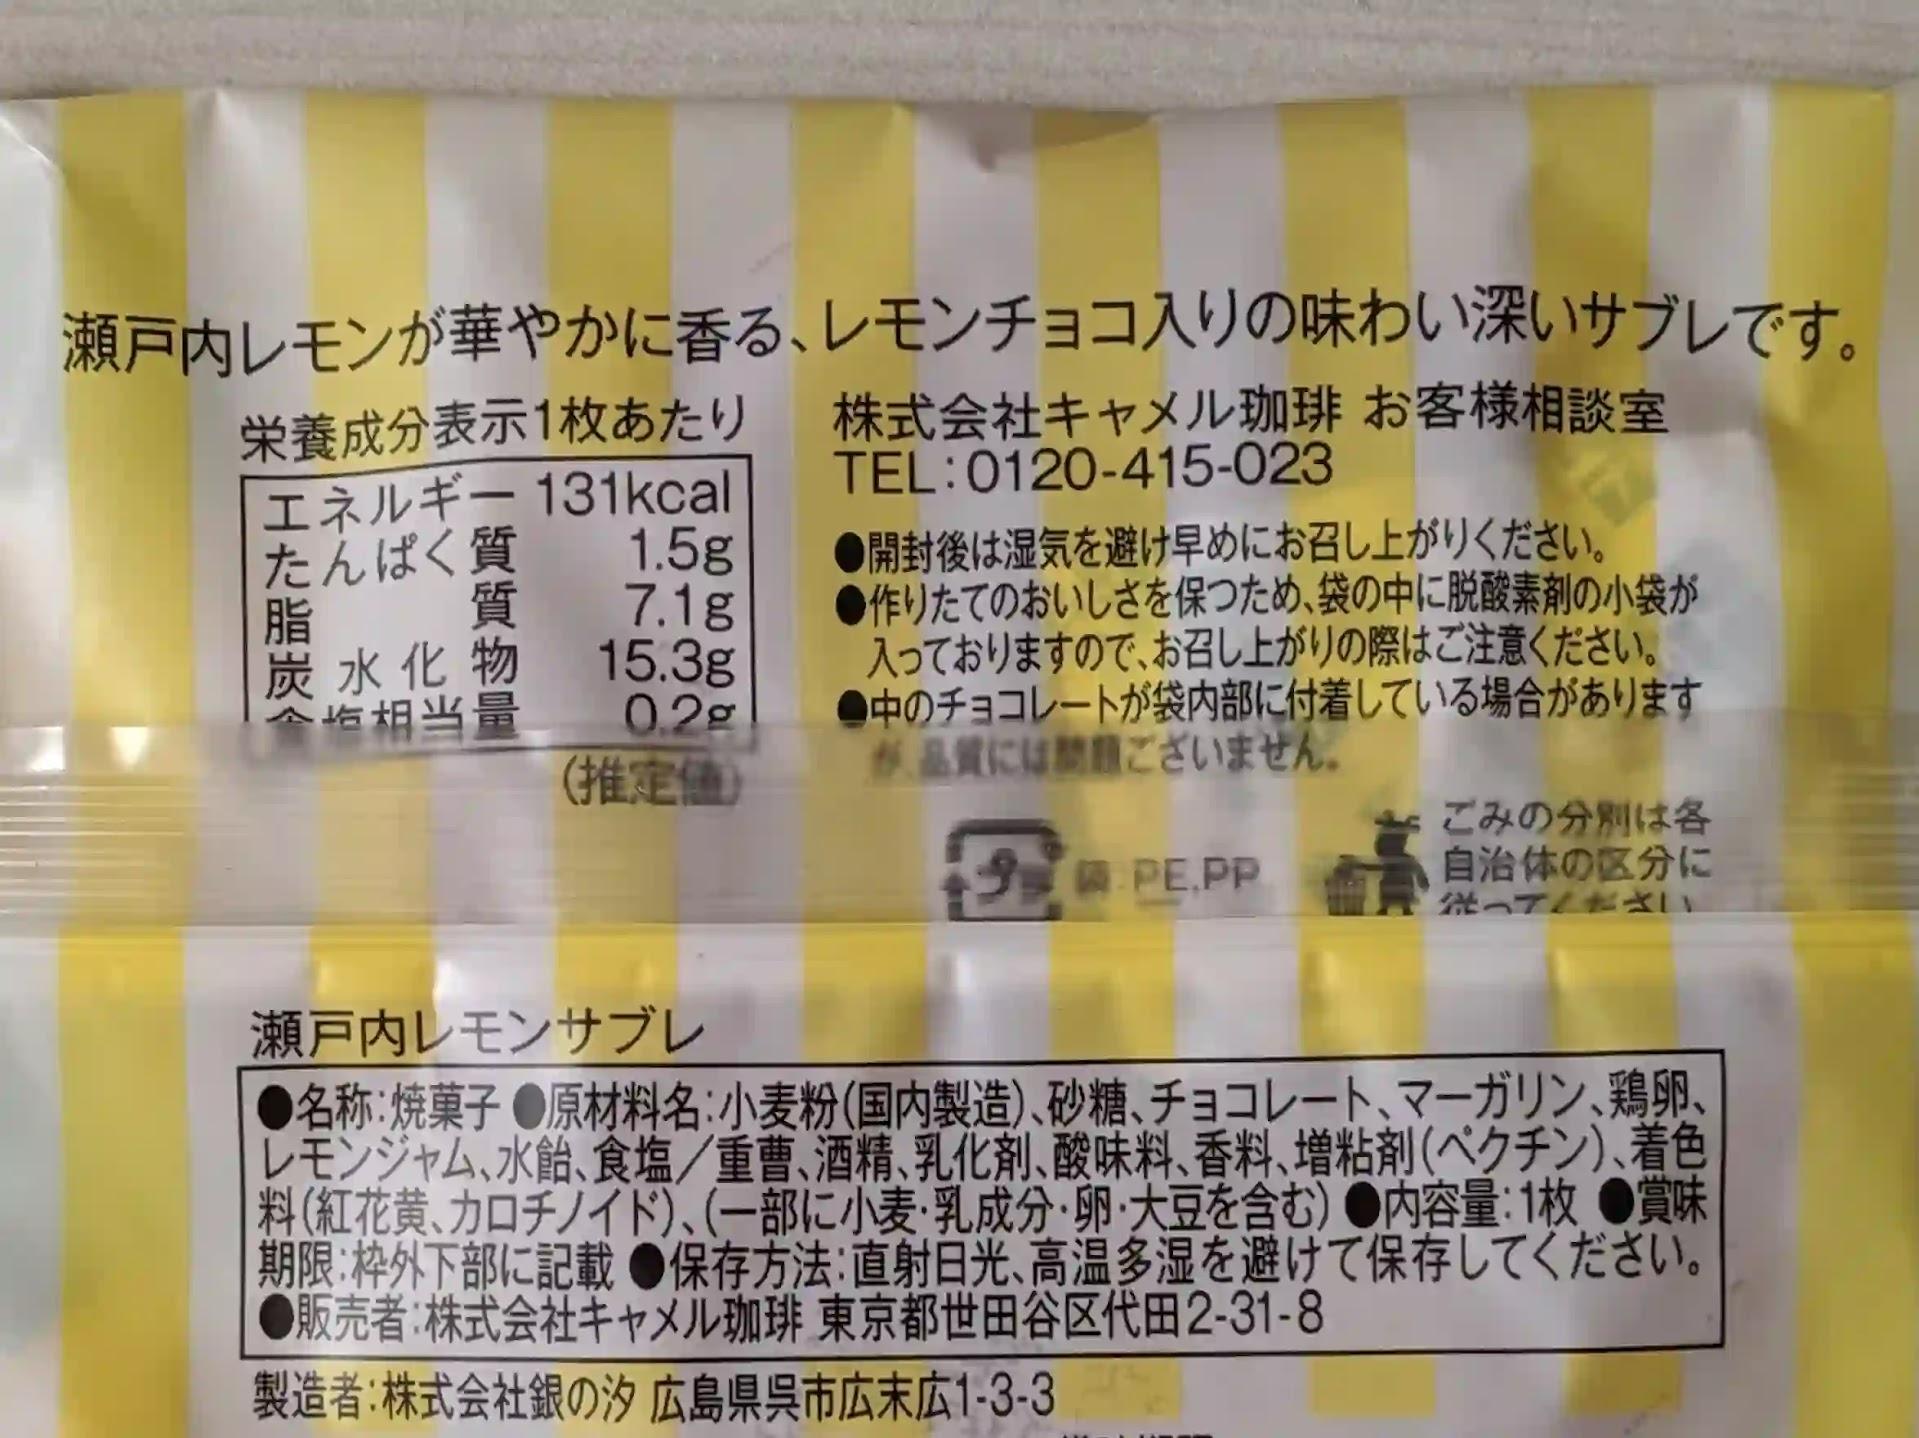 カルディ 瀬戸内レモンサブレ 栄養成分表示